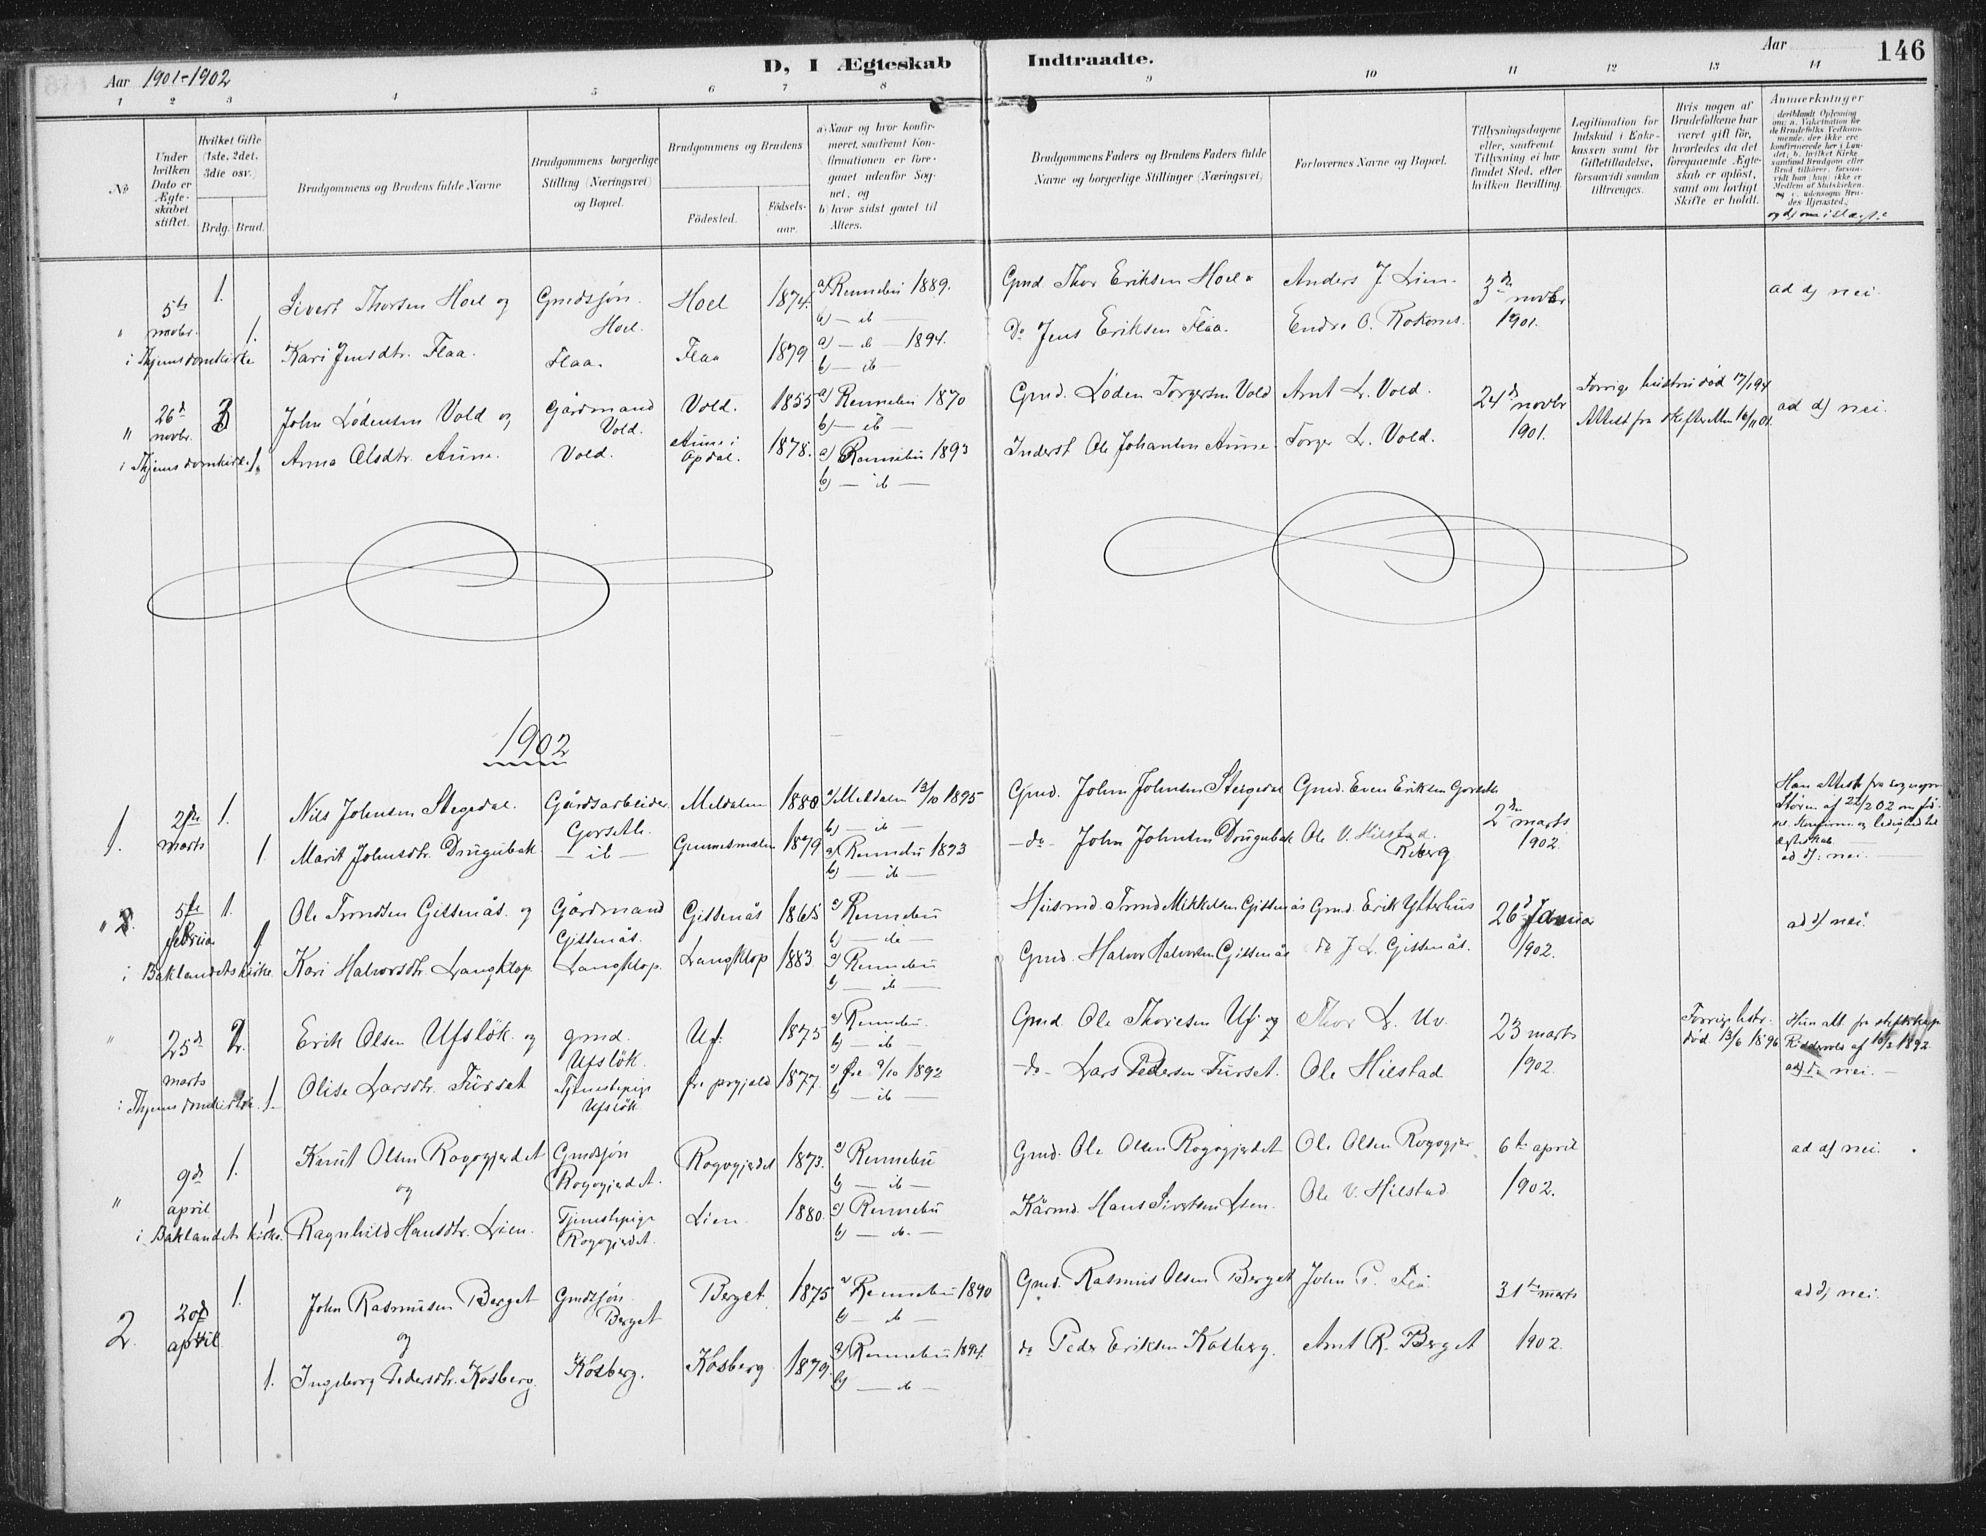 SAT, Ministerialprotokoller, klokkerbøker og fødselsregistre - Sør-Trøndelag, 674/L0872: Ministerialbok nr. 674A04, 1897-1907, s. 146